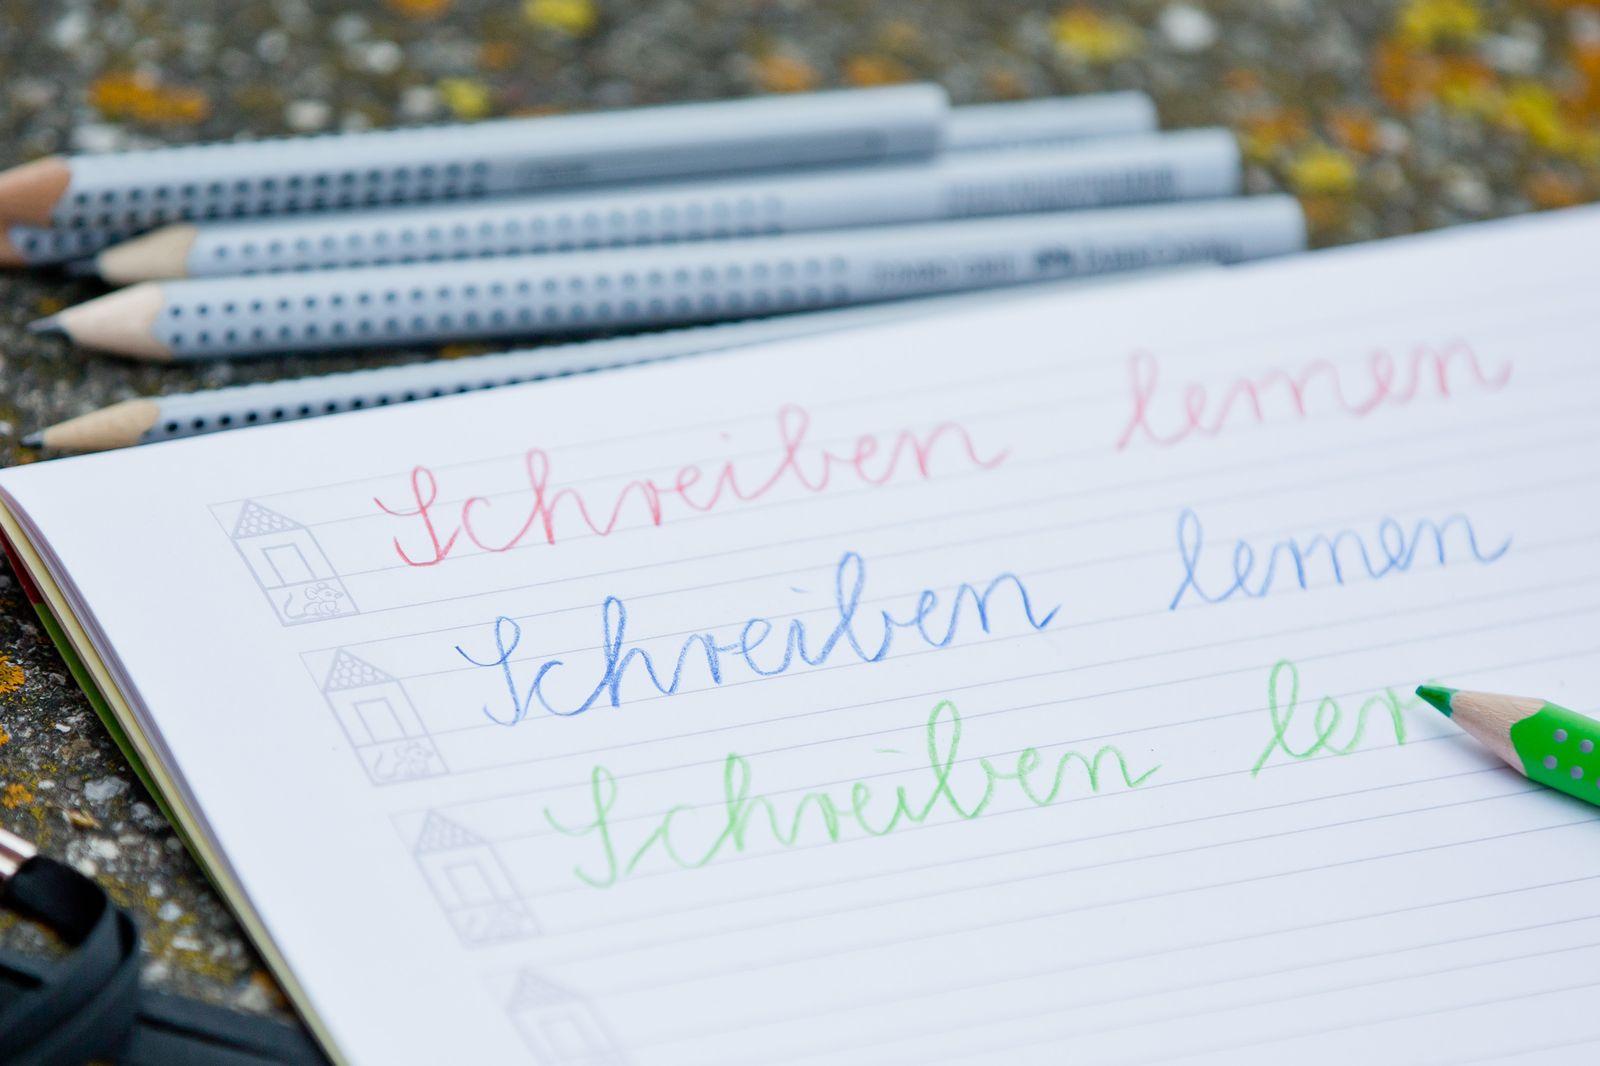 SPIEGEL PLUS SP 39/2018, S. 114 Schreiben Kinder